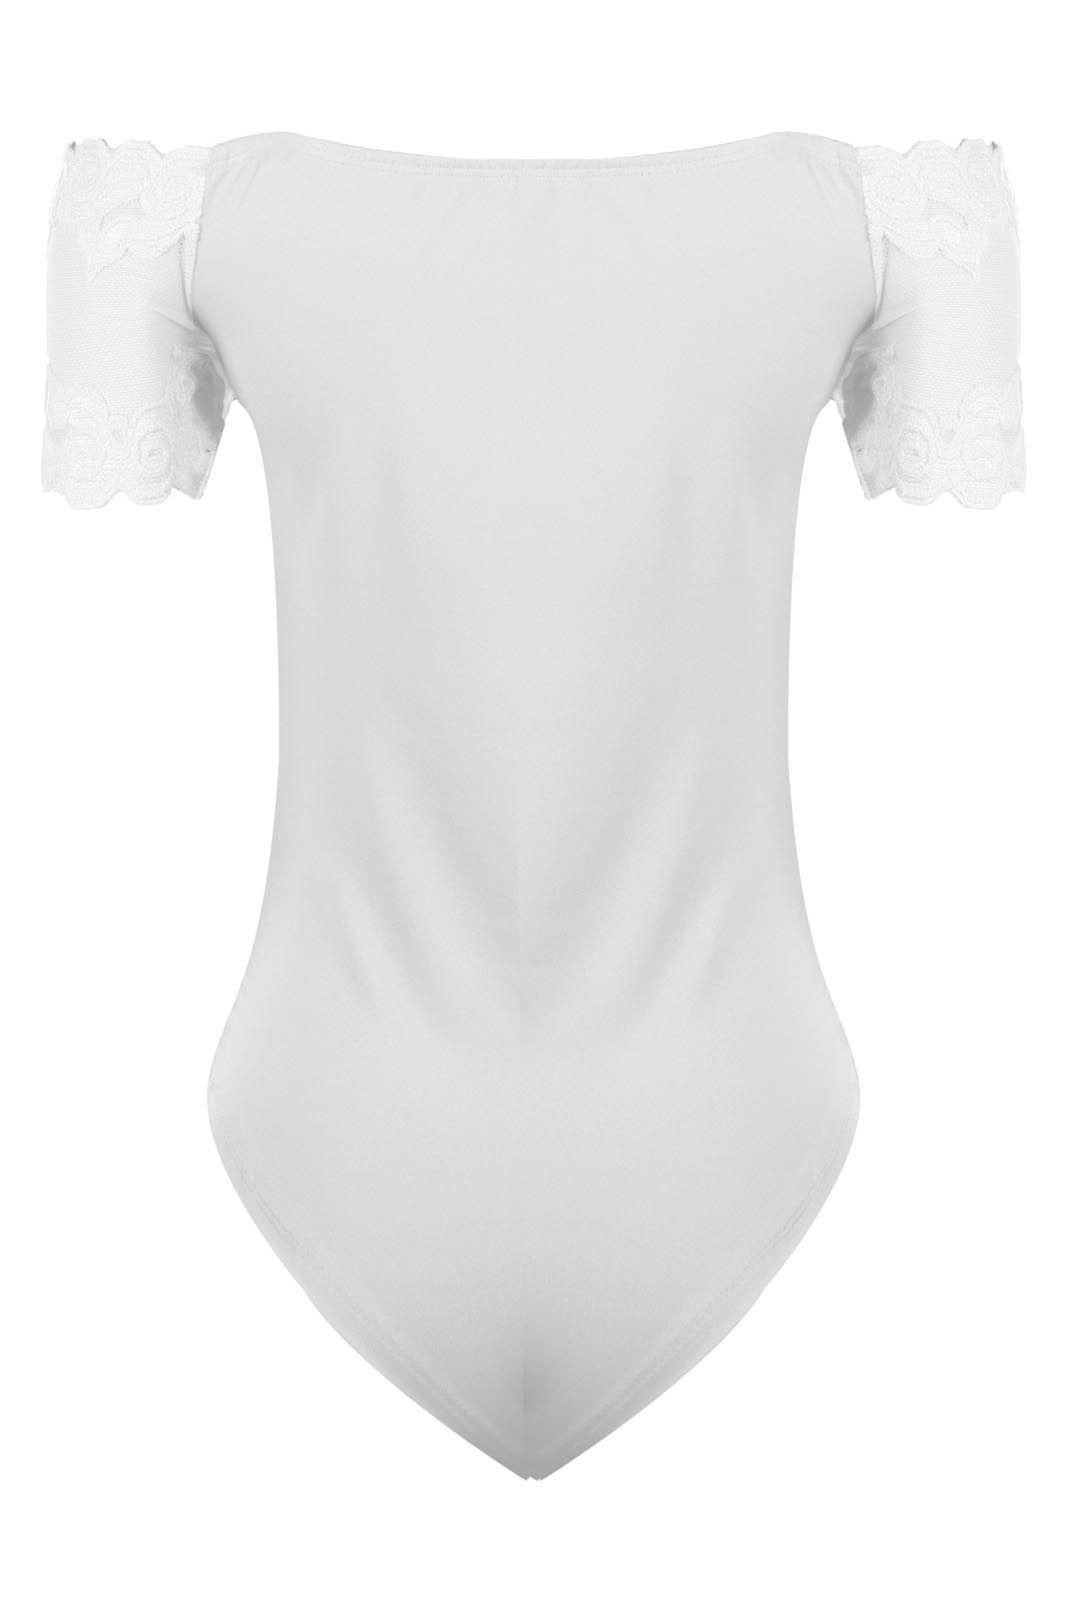 Top Outlet Dri Cropped Canelado Malha Alcinha Três Cores Tricolor Bojo Preto com Branco